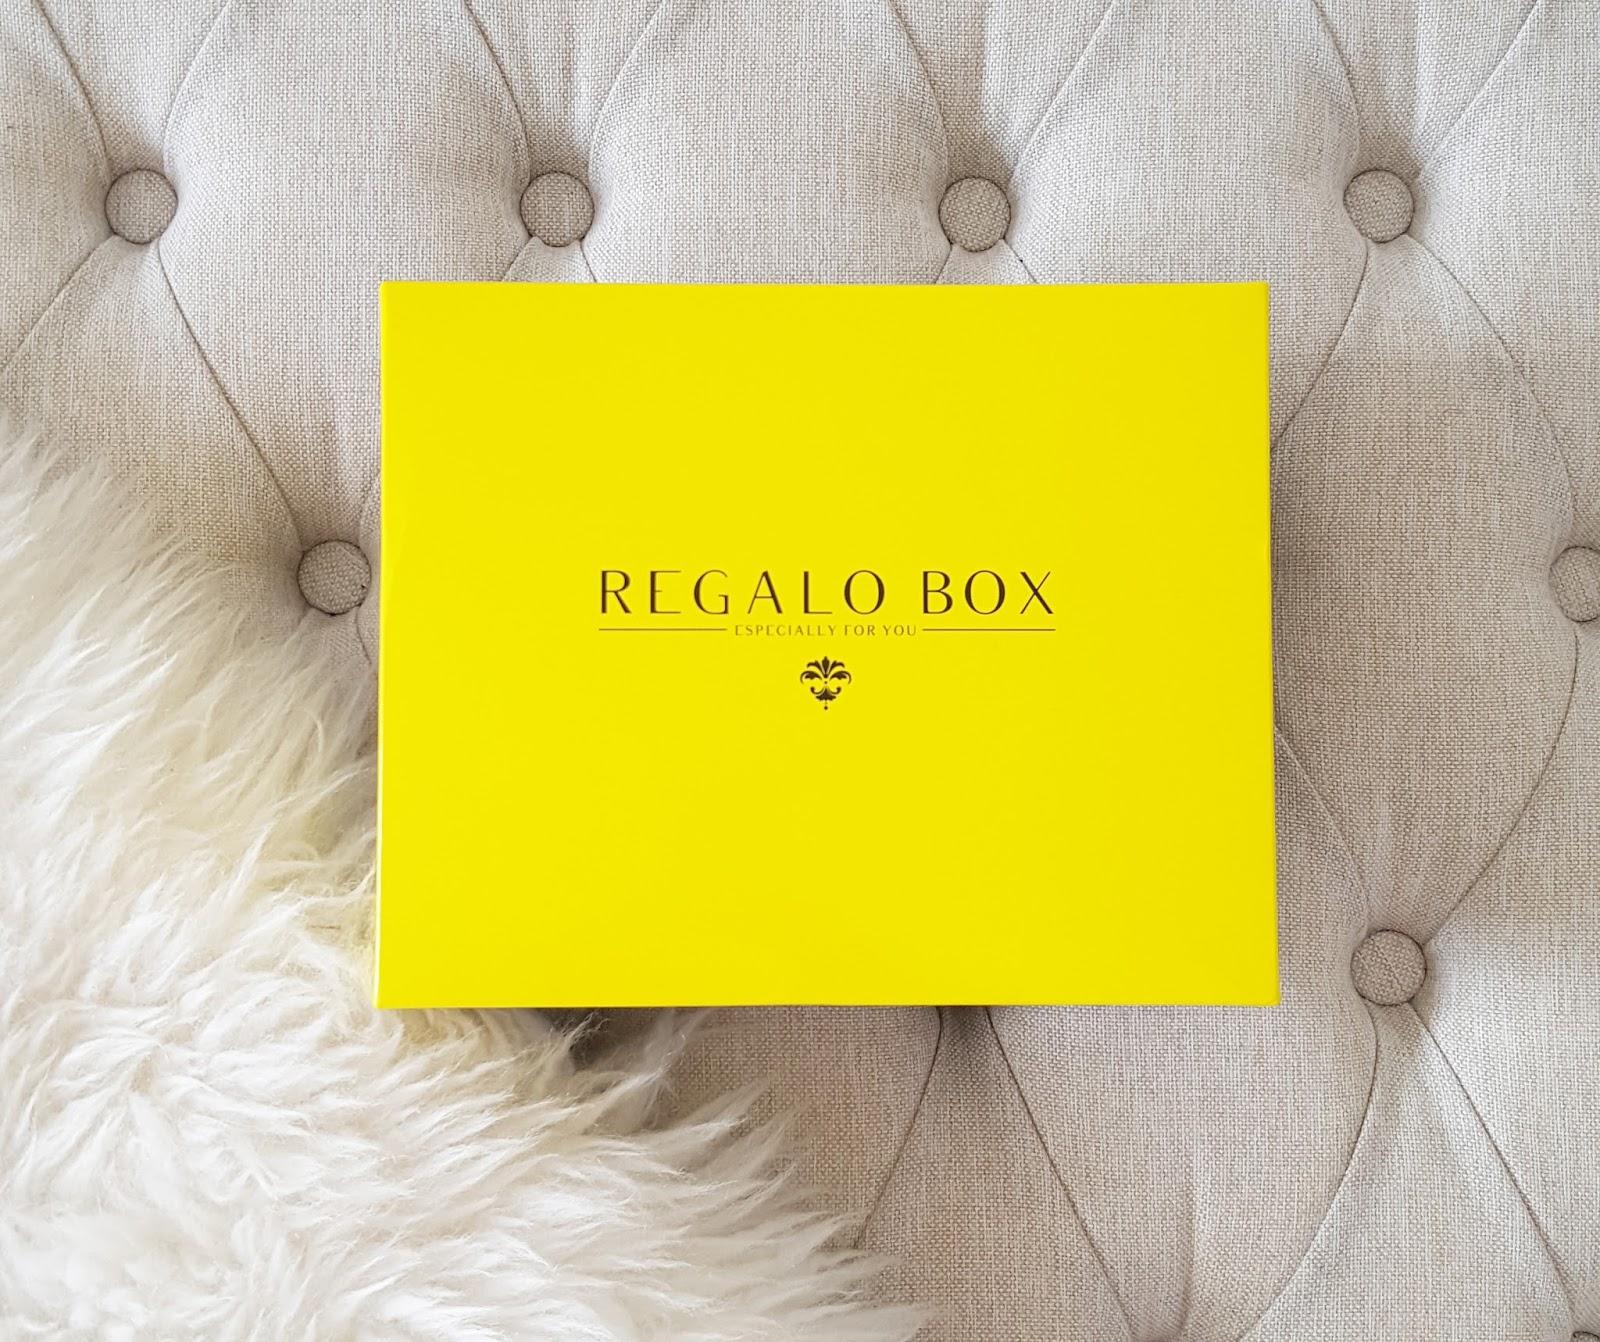 RegaloBox